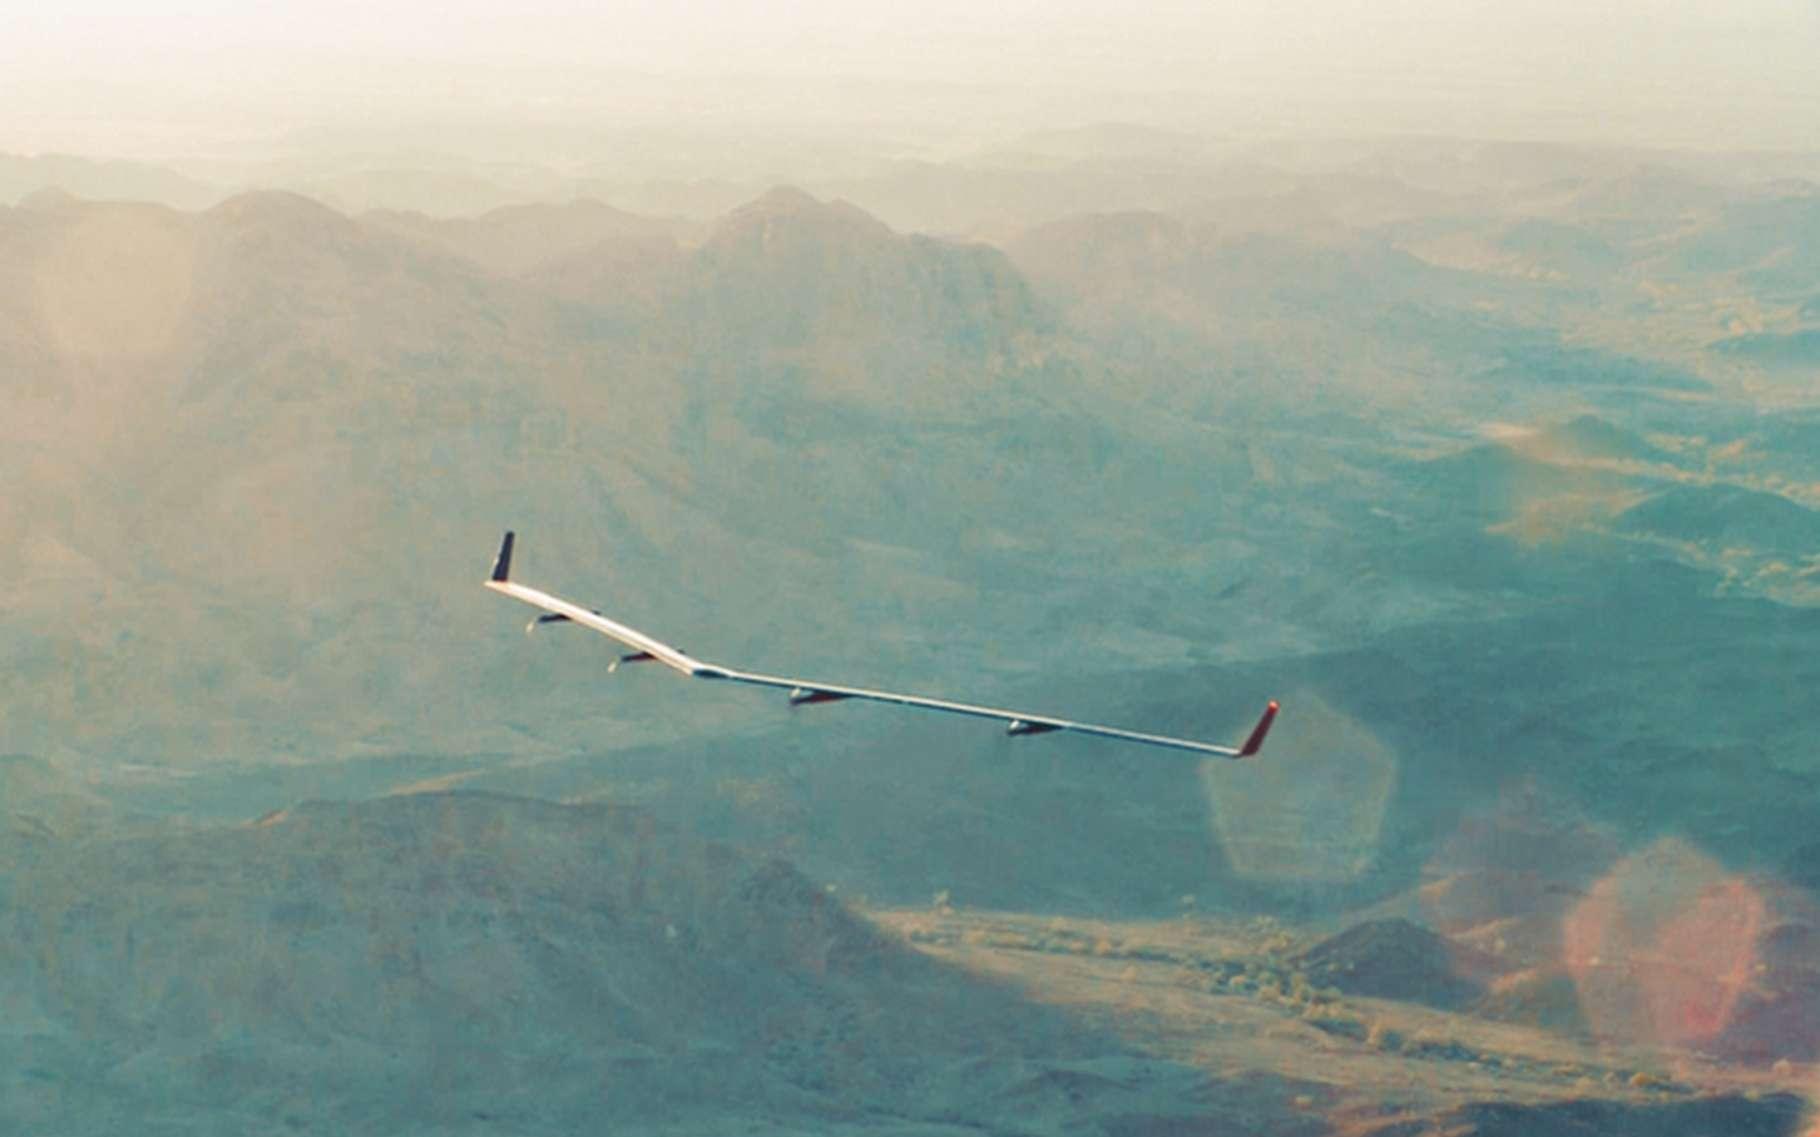 Le drone Aquila de Facebook en vol. L'envergure de l'appareil dépasse celle d'un Airbus A320. © Facebook